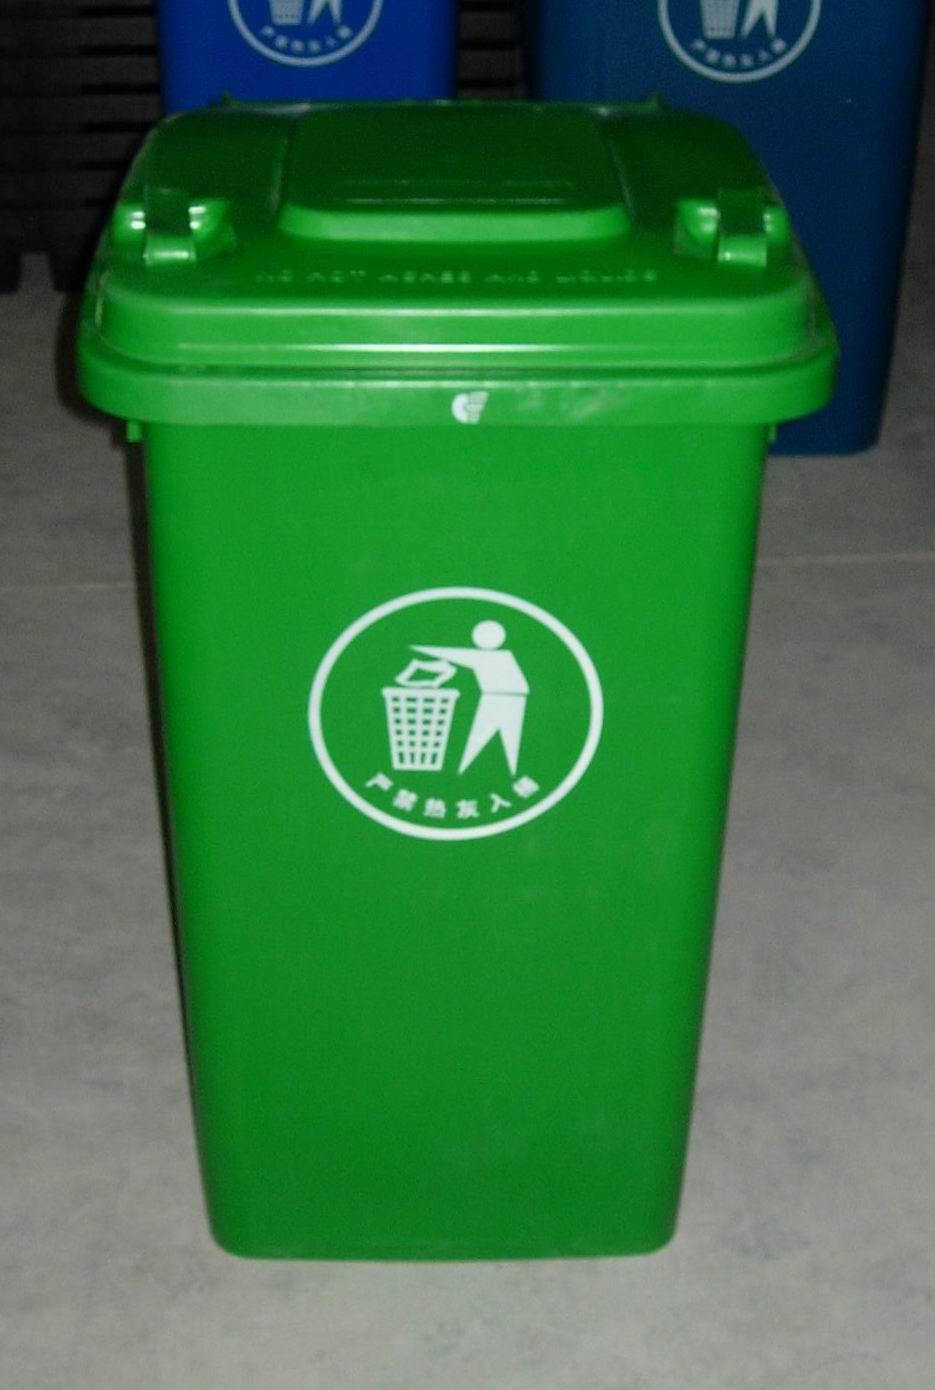 镇江梯形垃圾桶厂家直销 塑料垃圾桶 室外垃圾桶 可移动垃圾桶 镇江梯形垃圾桶厂家直销  周转箱也称为物流箱,广泛用于机械、汽车、家电、轻工、电子等行业,能耐酸耐碱、耐油污,无毒无味,可用于盛放食品等,清洁方便,零件周转便捷、堆放整齐,便于管理。其合理的设计,优良的品质,适用于工厂物流中的运输、配送、储存、流通加工等环节。周转箱可与多种物流容器和工位器具配合,用于各类仓库、生产现场等多种场合,在物流管理越来越被广大企业重视的今天,周转箱帮助完成物流容器的通用化、一体化管理,是生产及流通企业进行现代化物流管理